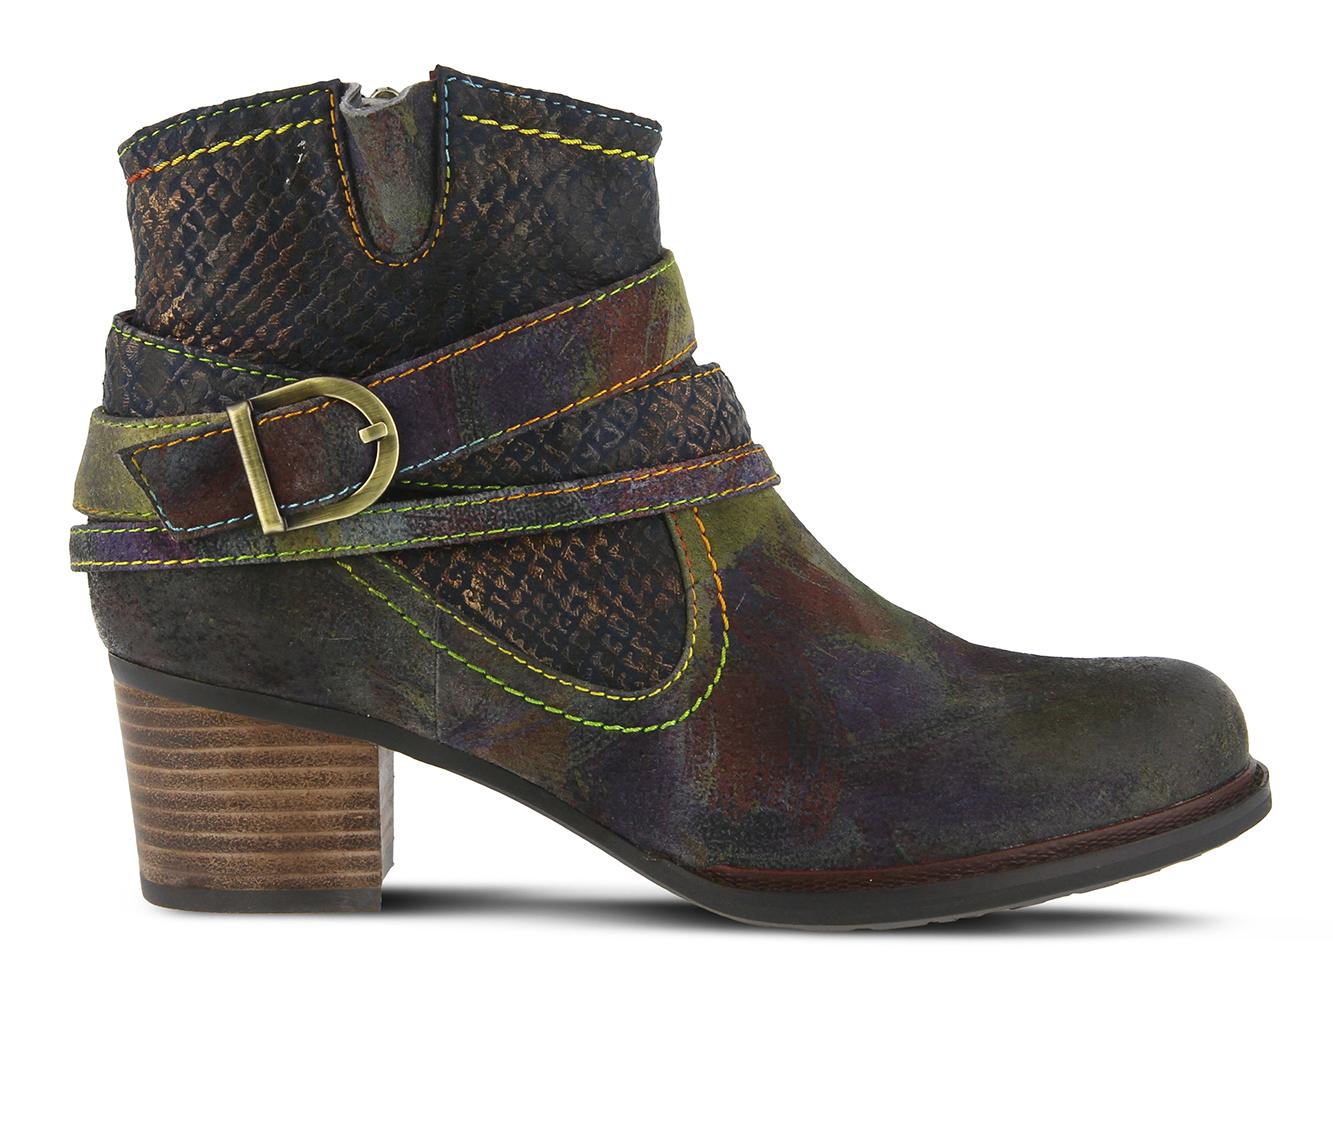 L'Artiste Shazzam Women's Boots (Blue Leather)